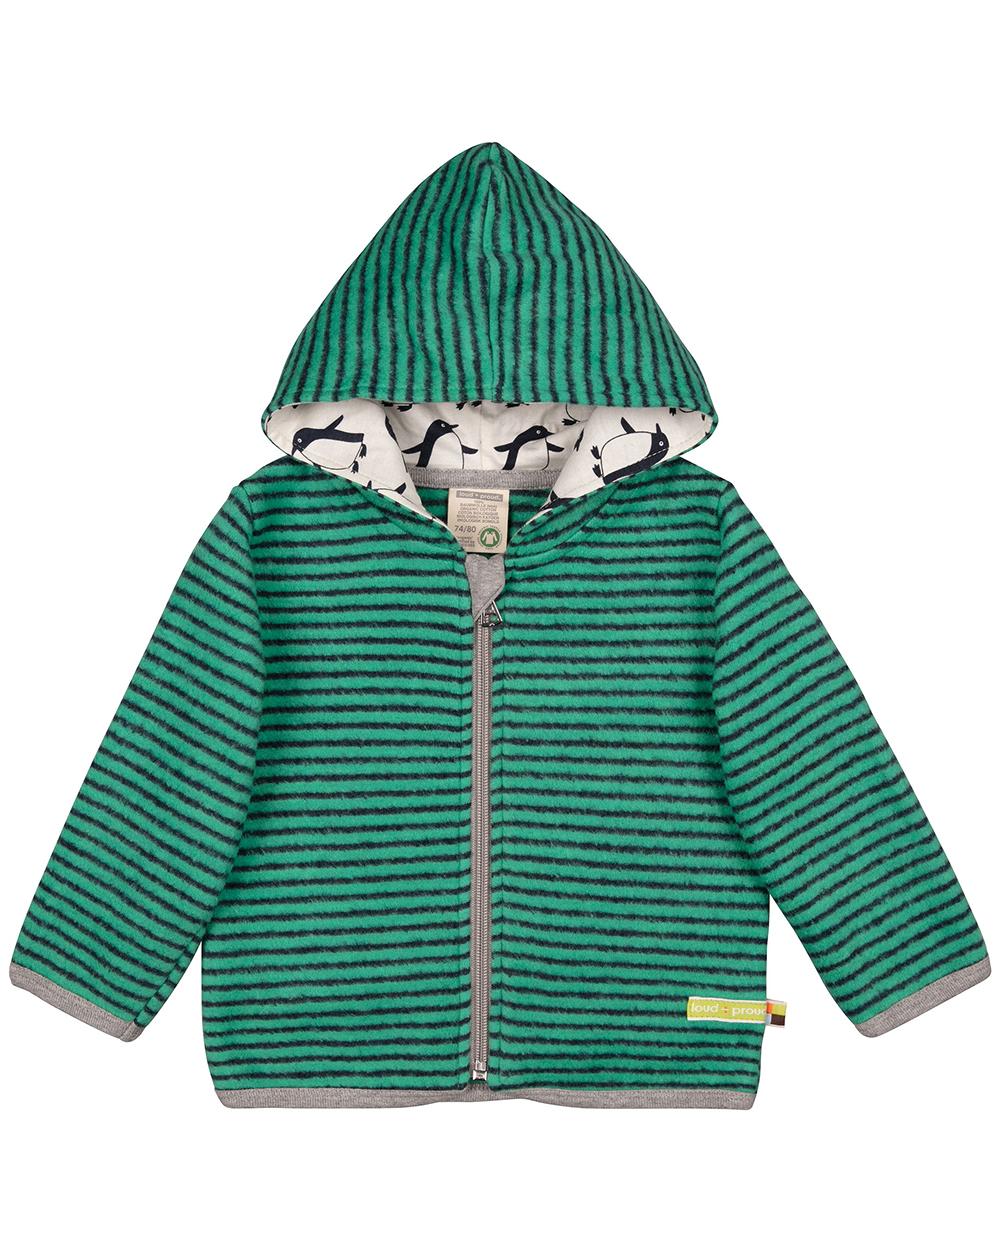 Uvanlig og fargerik jakke med hette, 100% bomull.   FINN.no